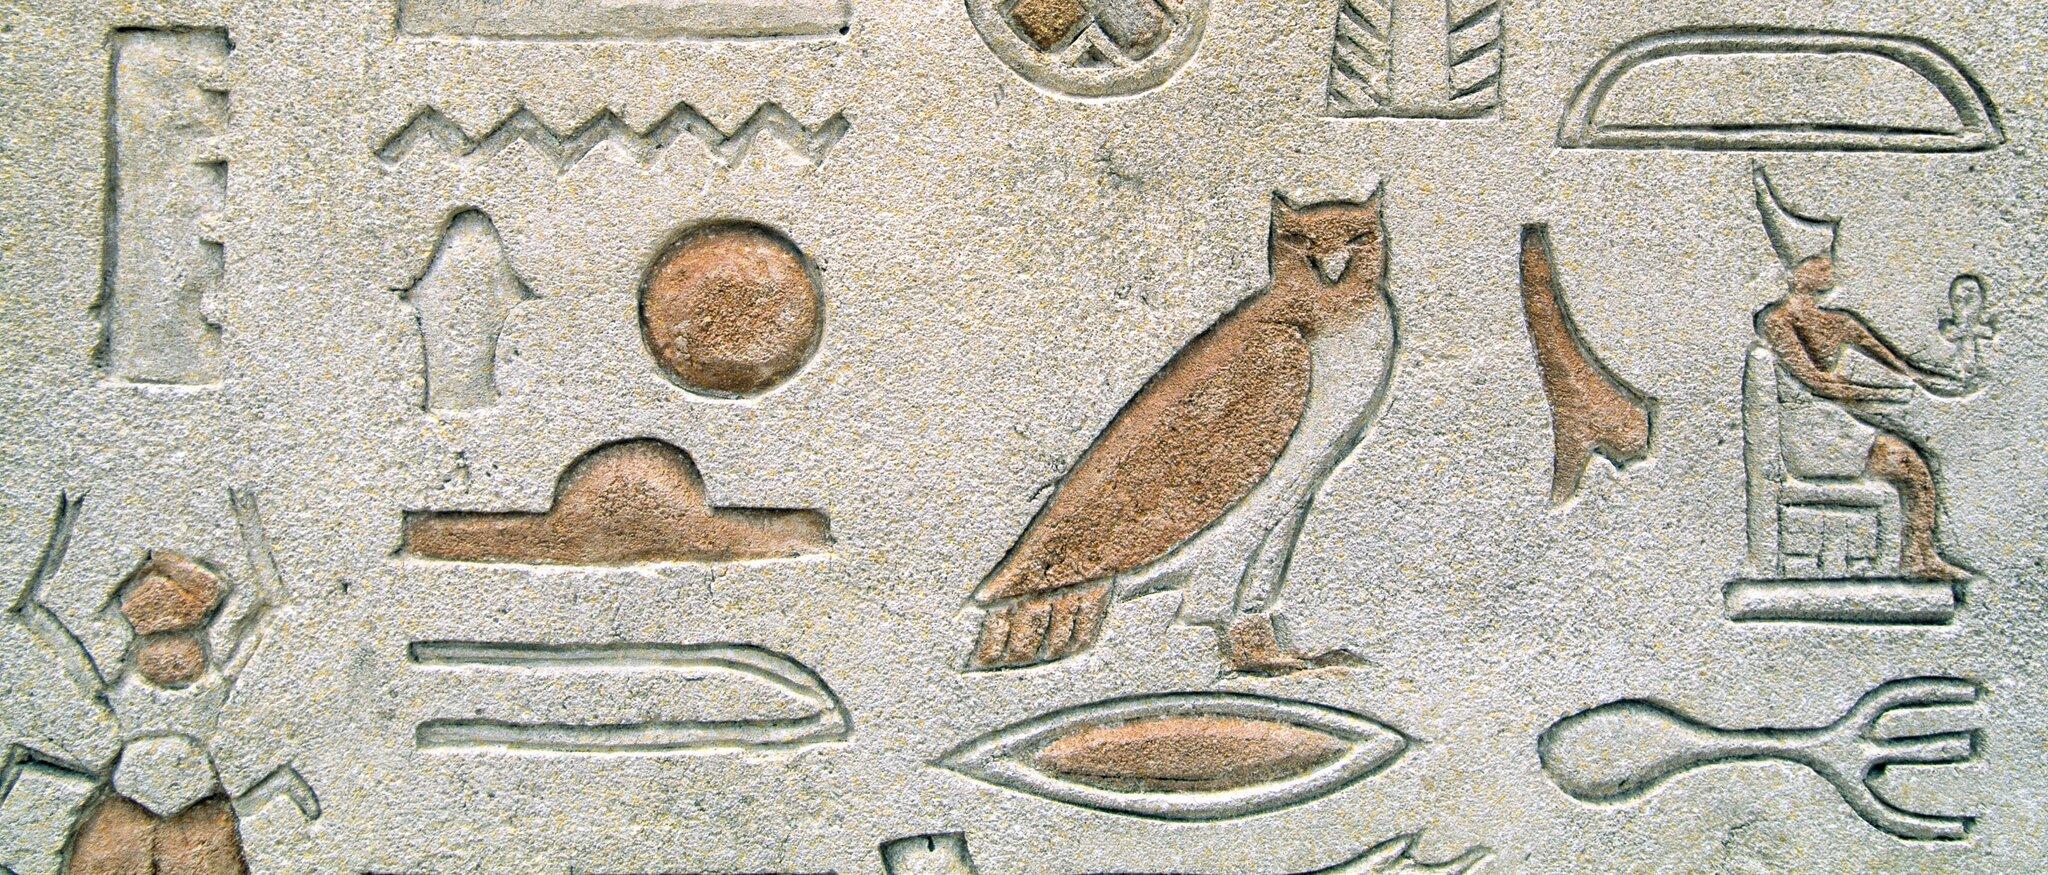 Pismo hieroglificzne Pismo hieroglificzne Źródło: Shutterstock, tylko do użytku edukacyjnego na epodreczniki.pl.